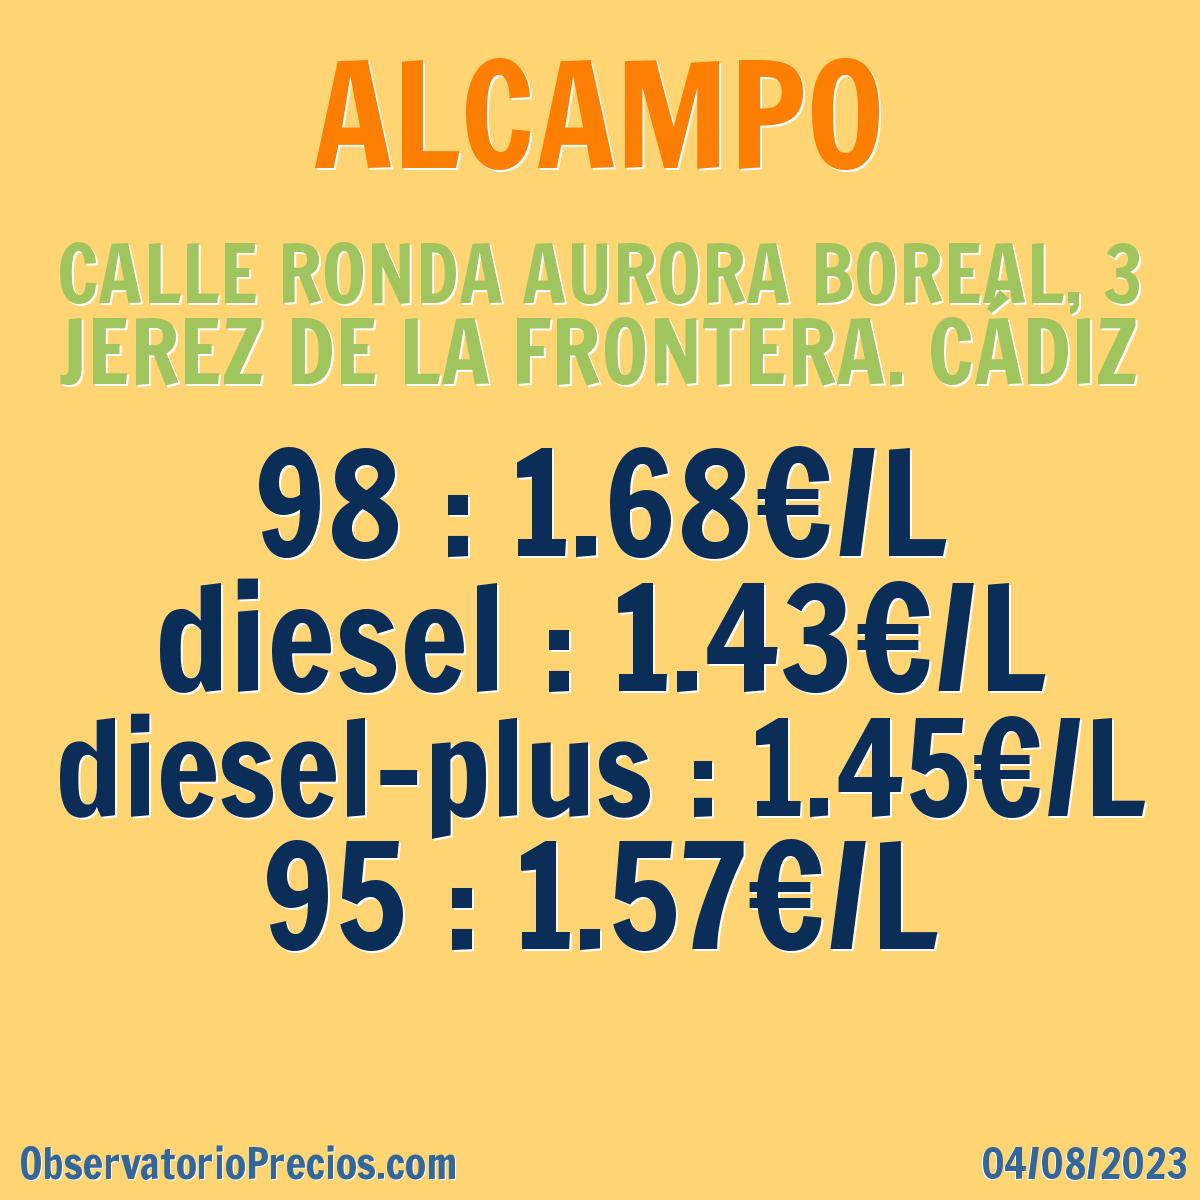 Gasolinera alcampo en jerez de la frontera gasolina 95 g for Calle prado jerez 3 navacerrada